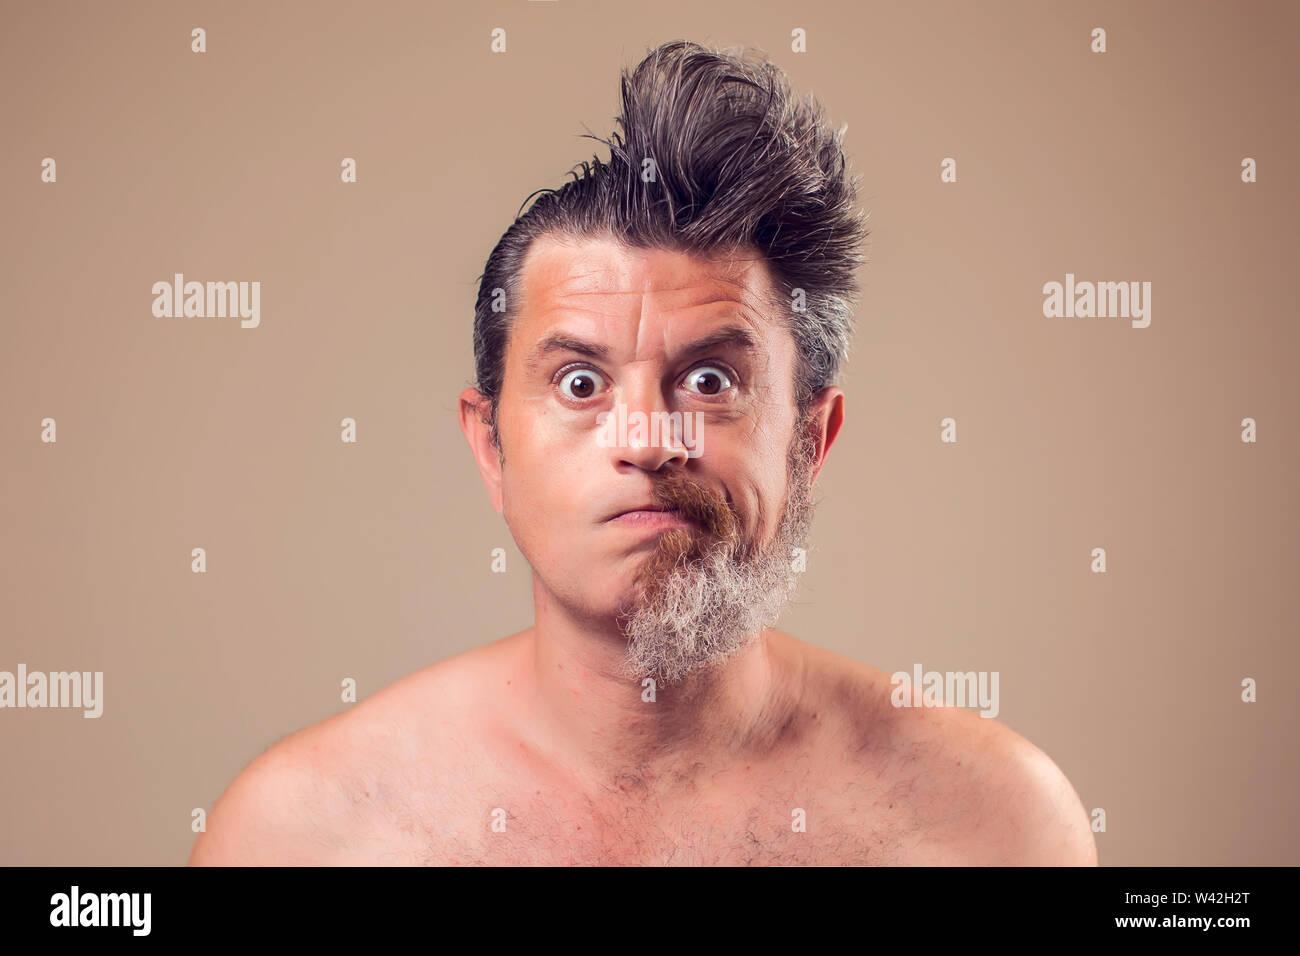 Portrait d'un homme avec la moitié de la barbe et cheveux sur fond brun Banque D'Images